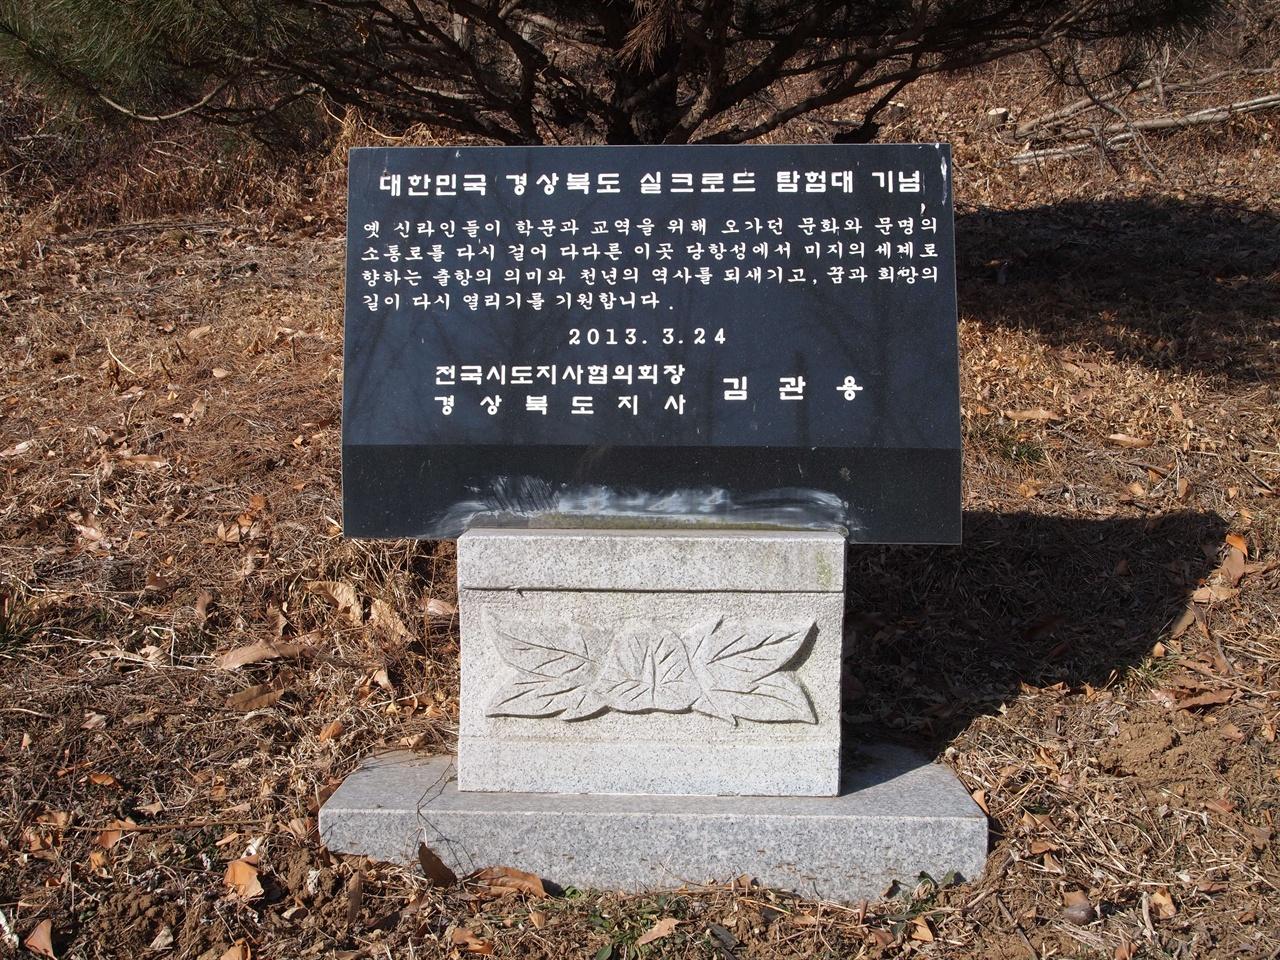 실크로드 탐험대 기념비 화성 당성에 세워진 실크로드 탐험대 기념비, 원성왕릉의 호인상을 통해 실크로드를 생각해볼 수 있다는 점에서 의미가 있다.